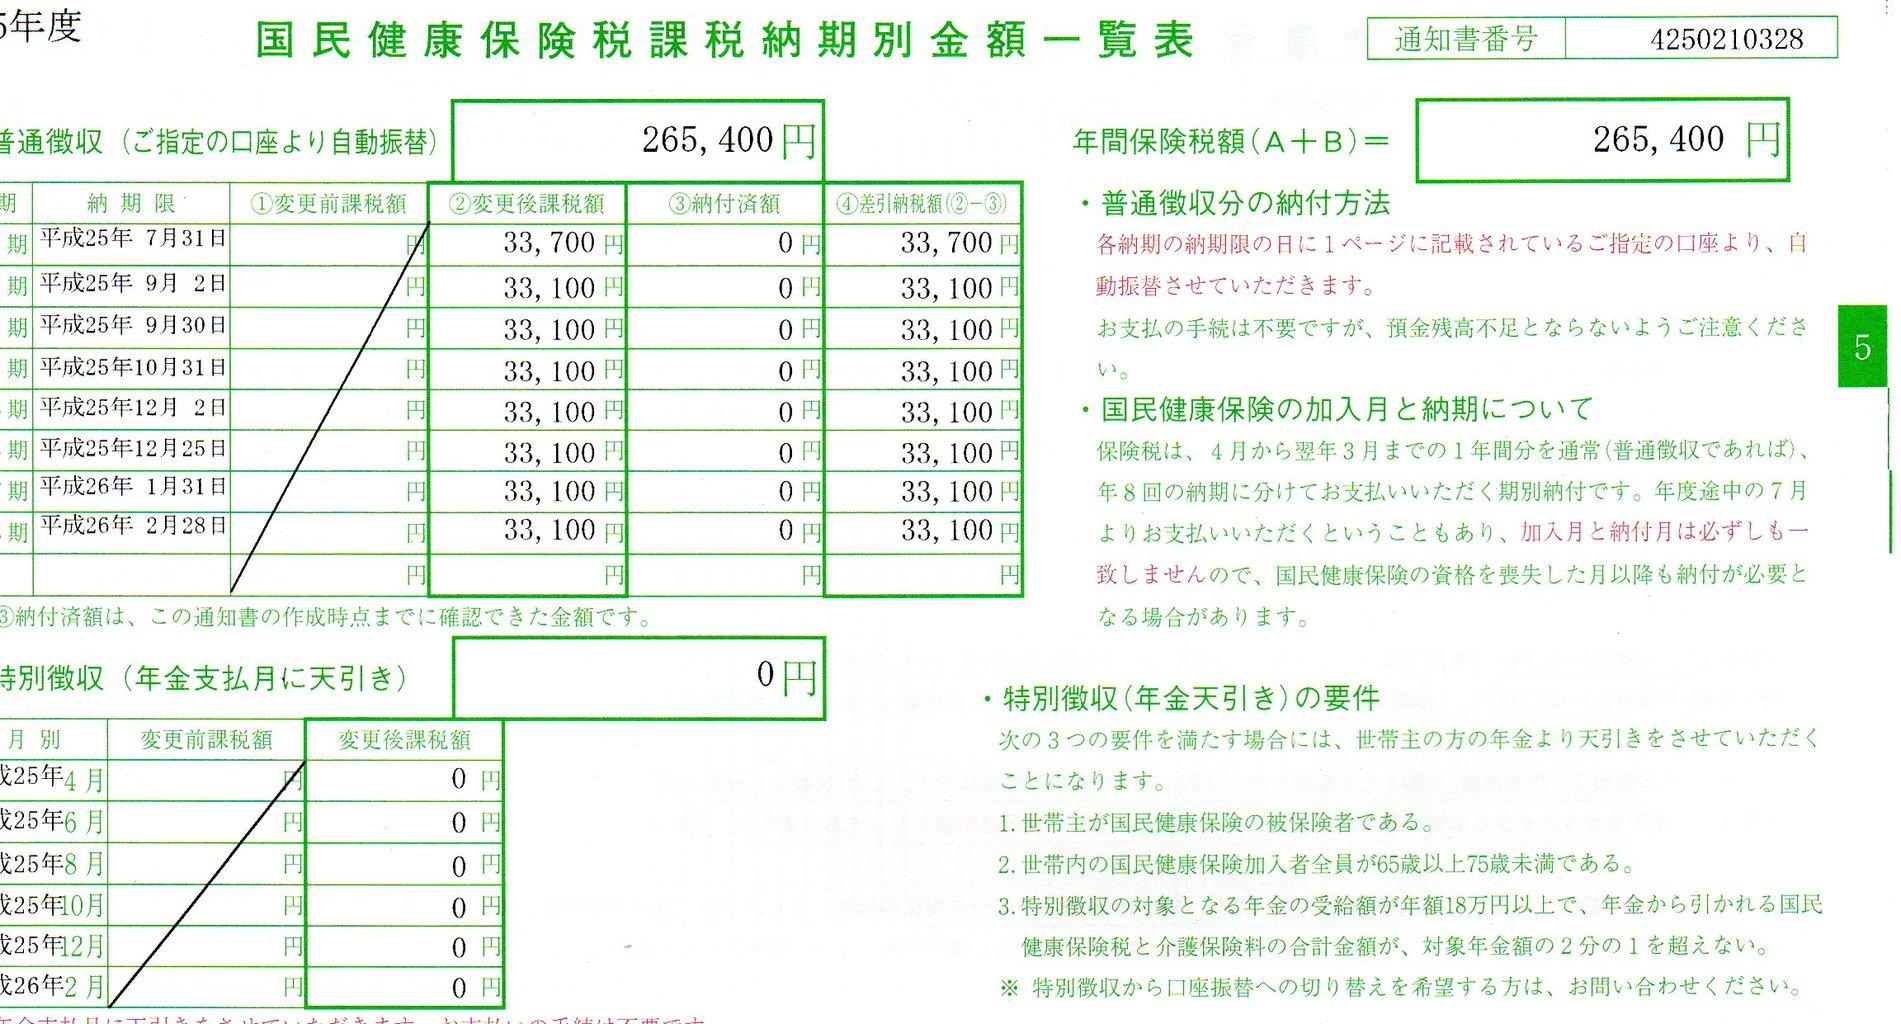 健康 保険 書 国民 納付